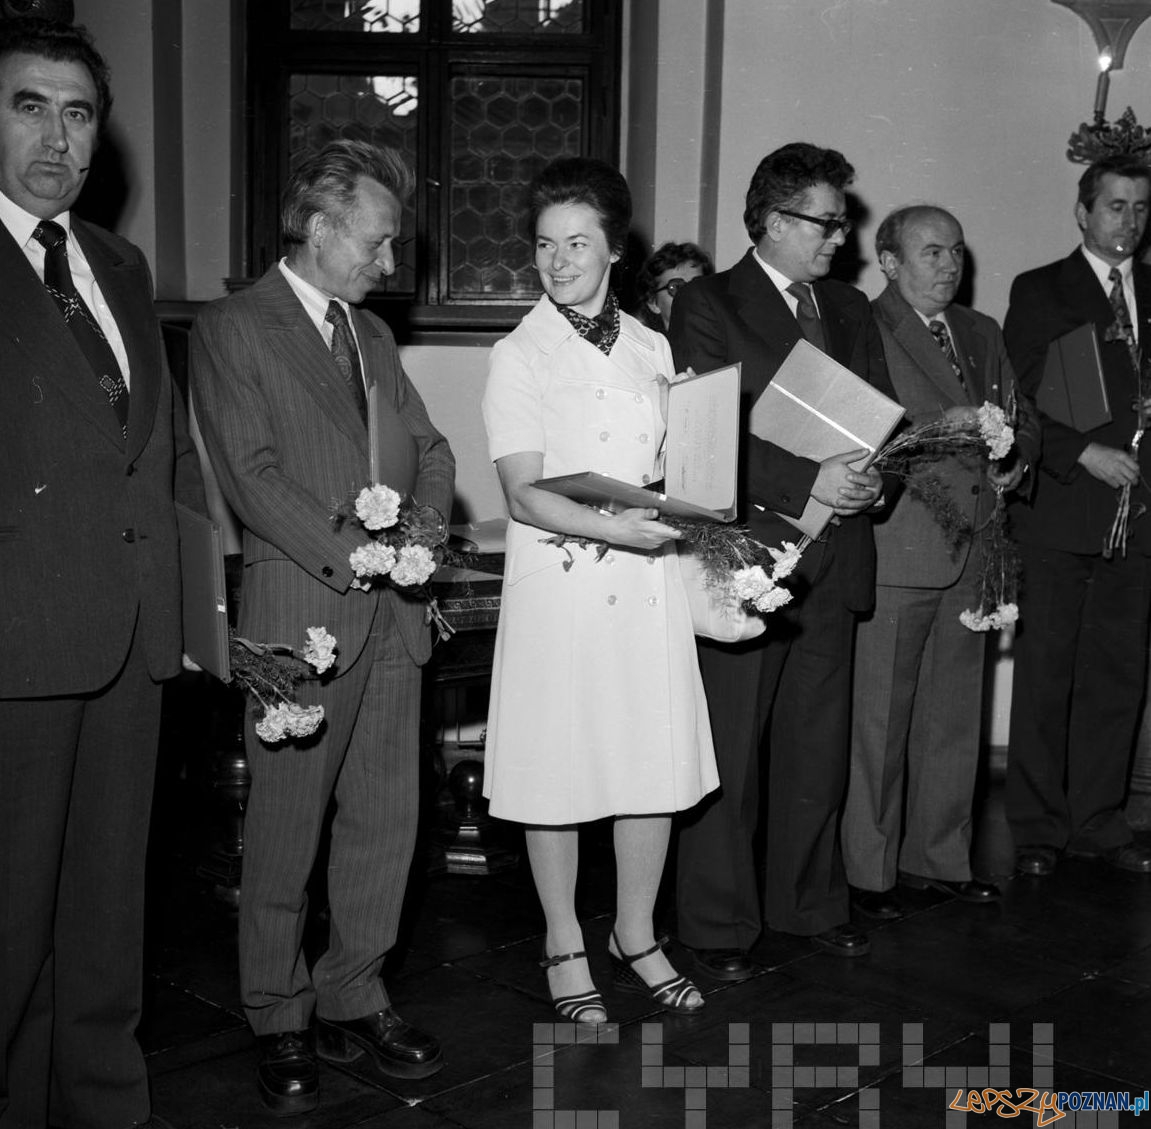 Wręczenie Nagród Województwa Poznańskiego za rok 1978 w Sali Renesansowej poznańskiego ratusza